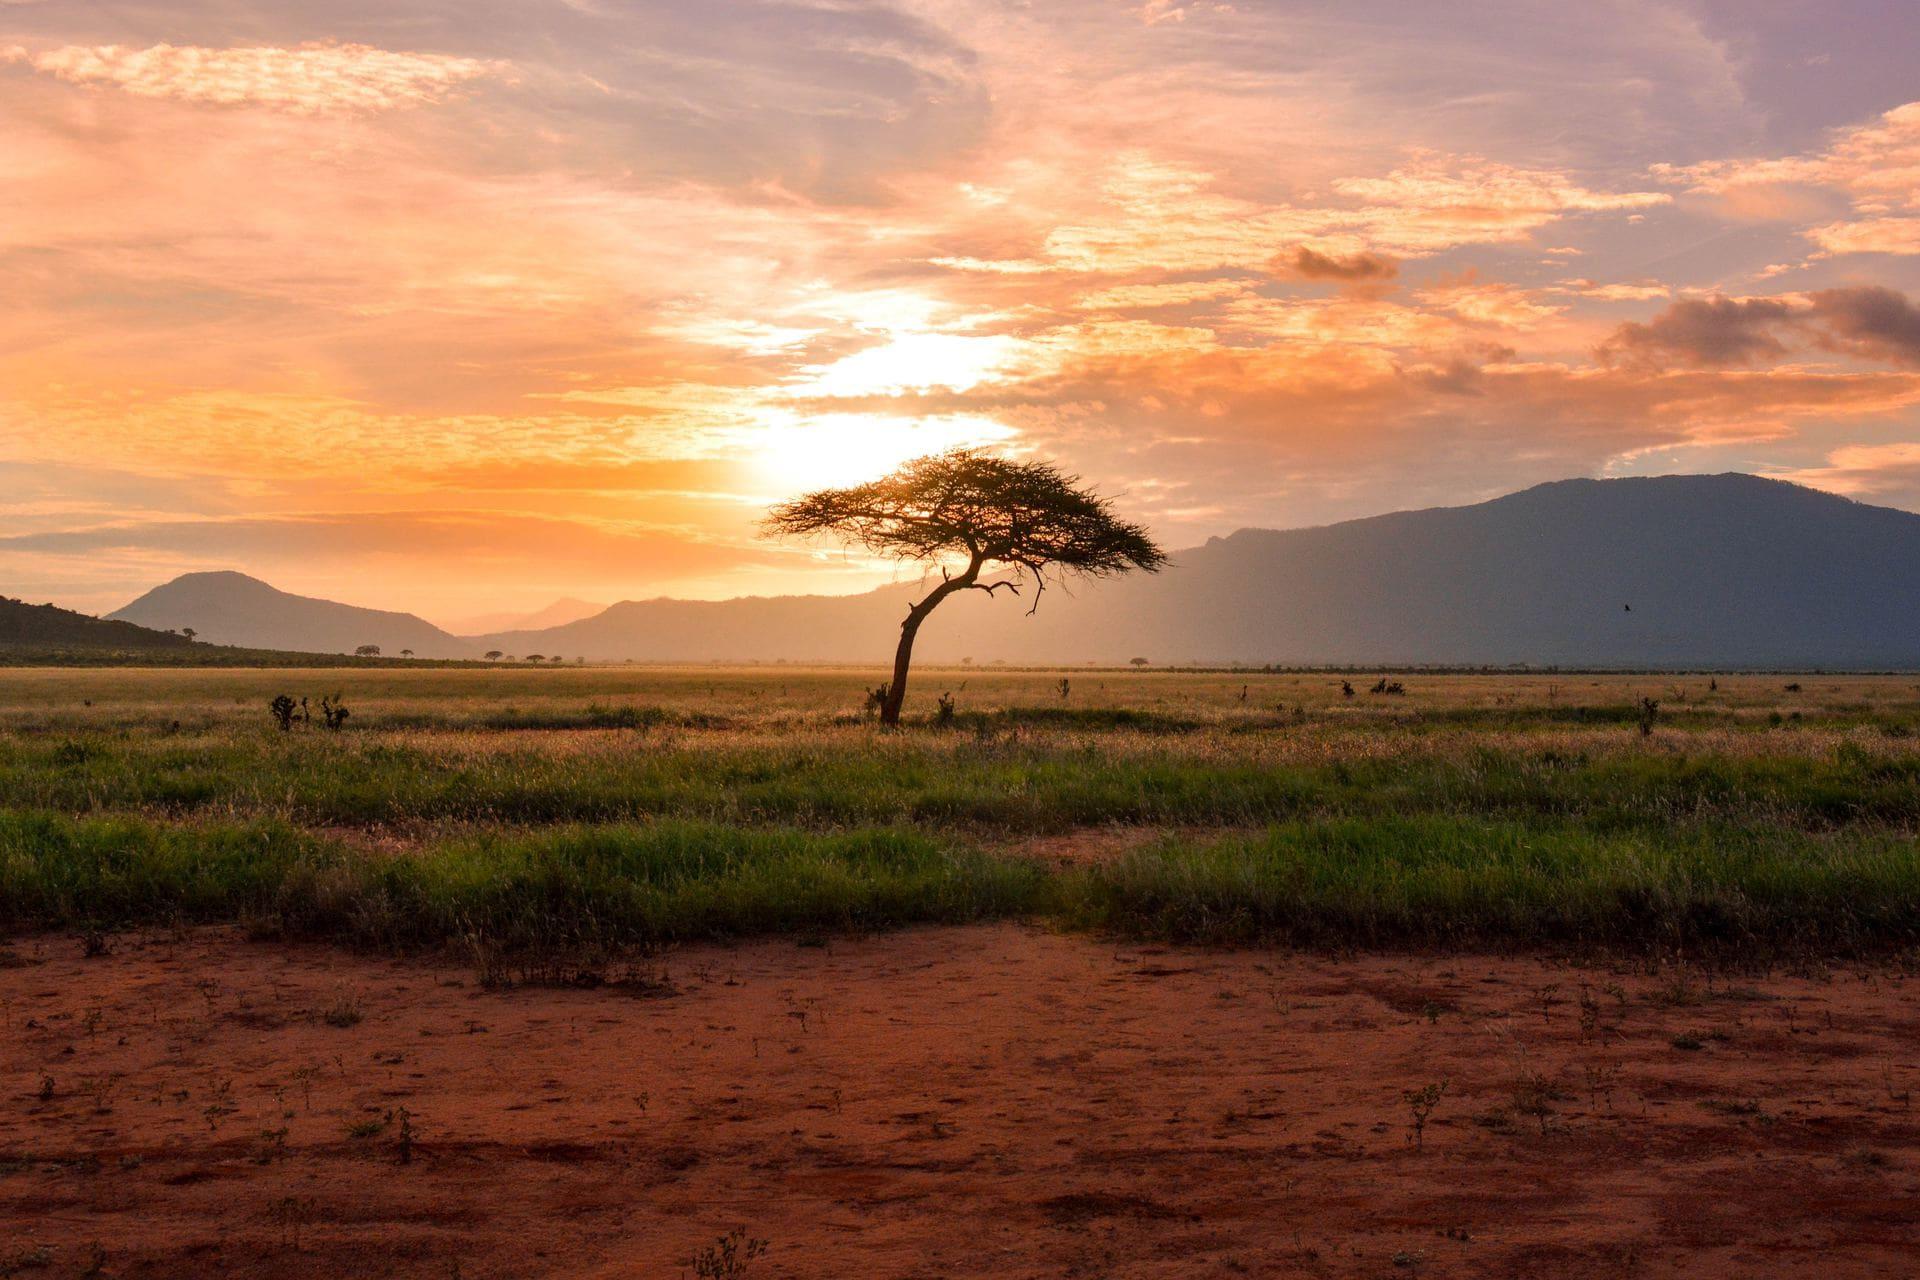 For Rangers Ultra Marathon Kenya Desert Safari